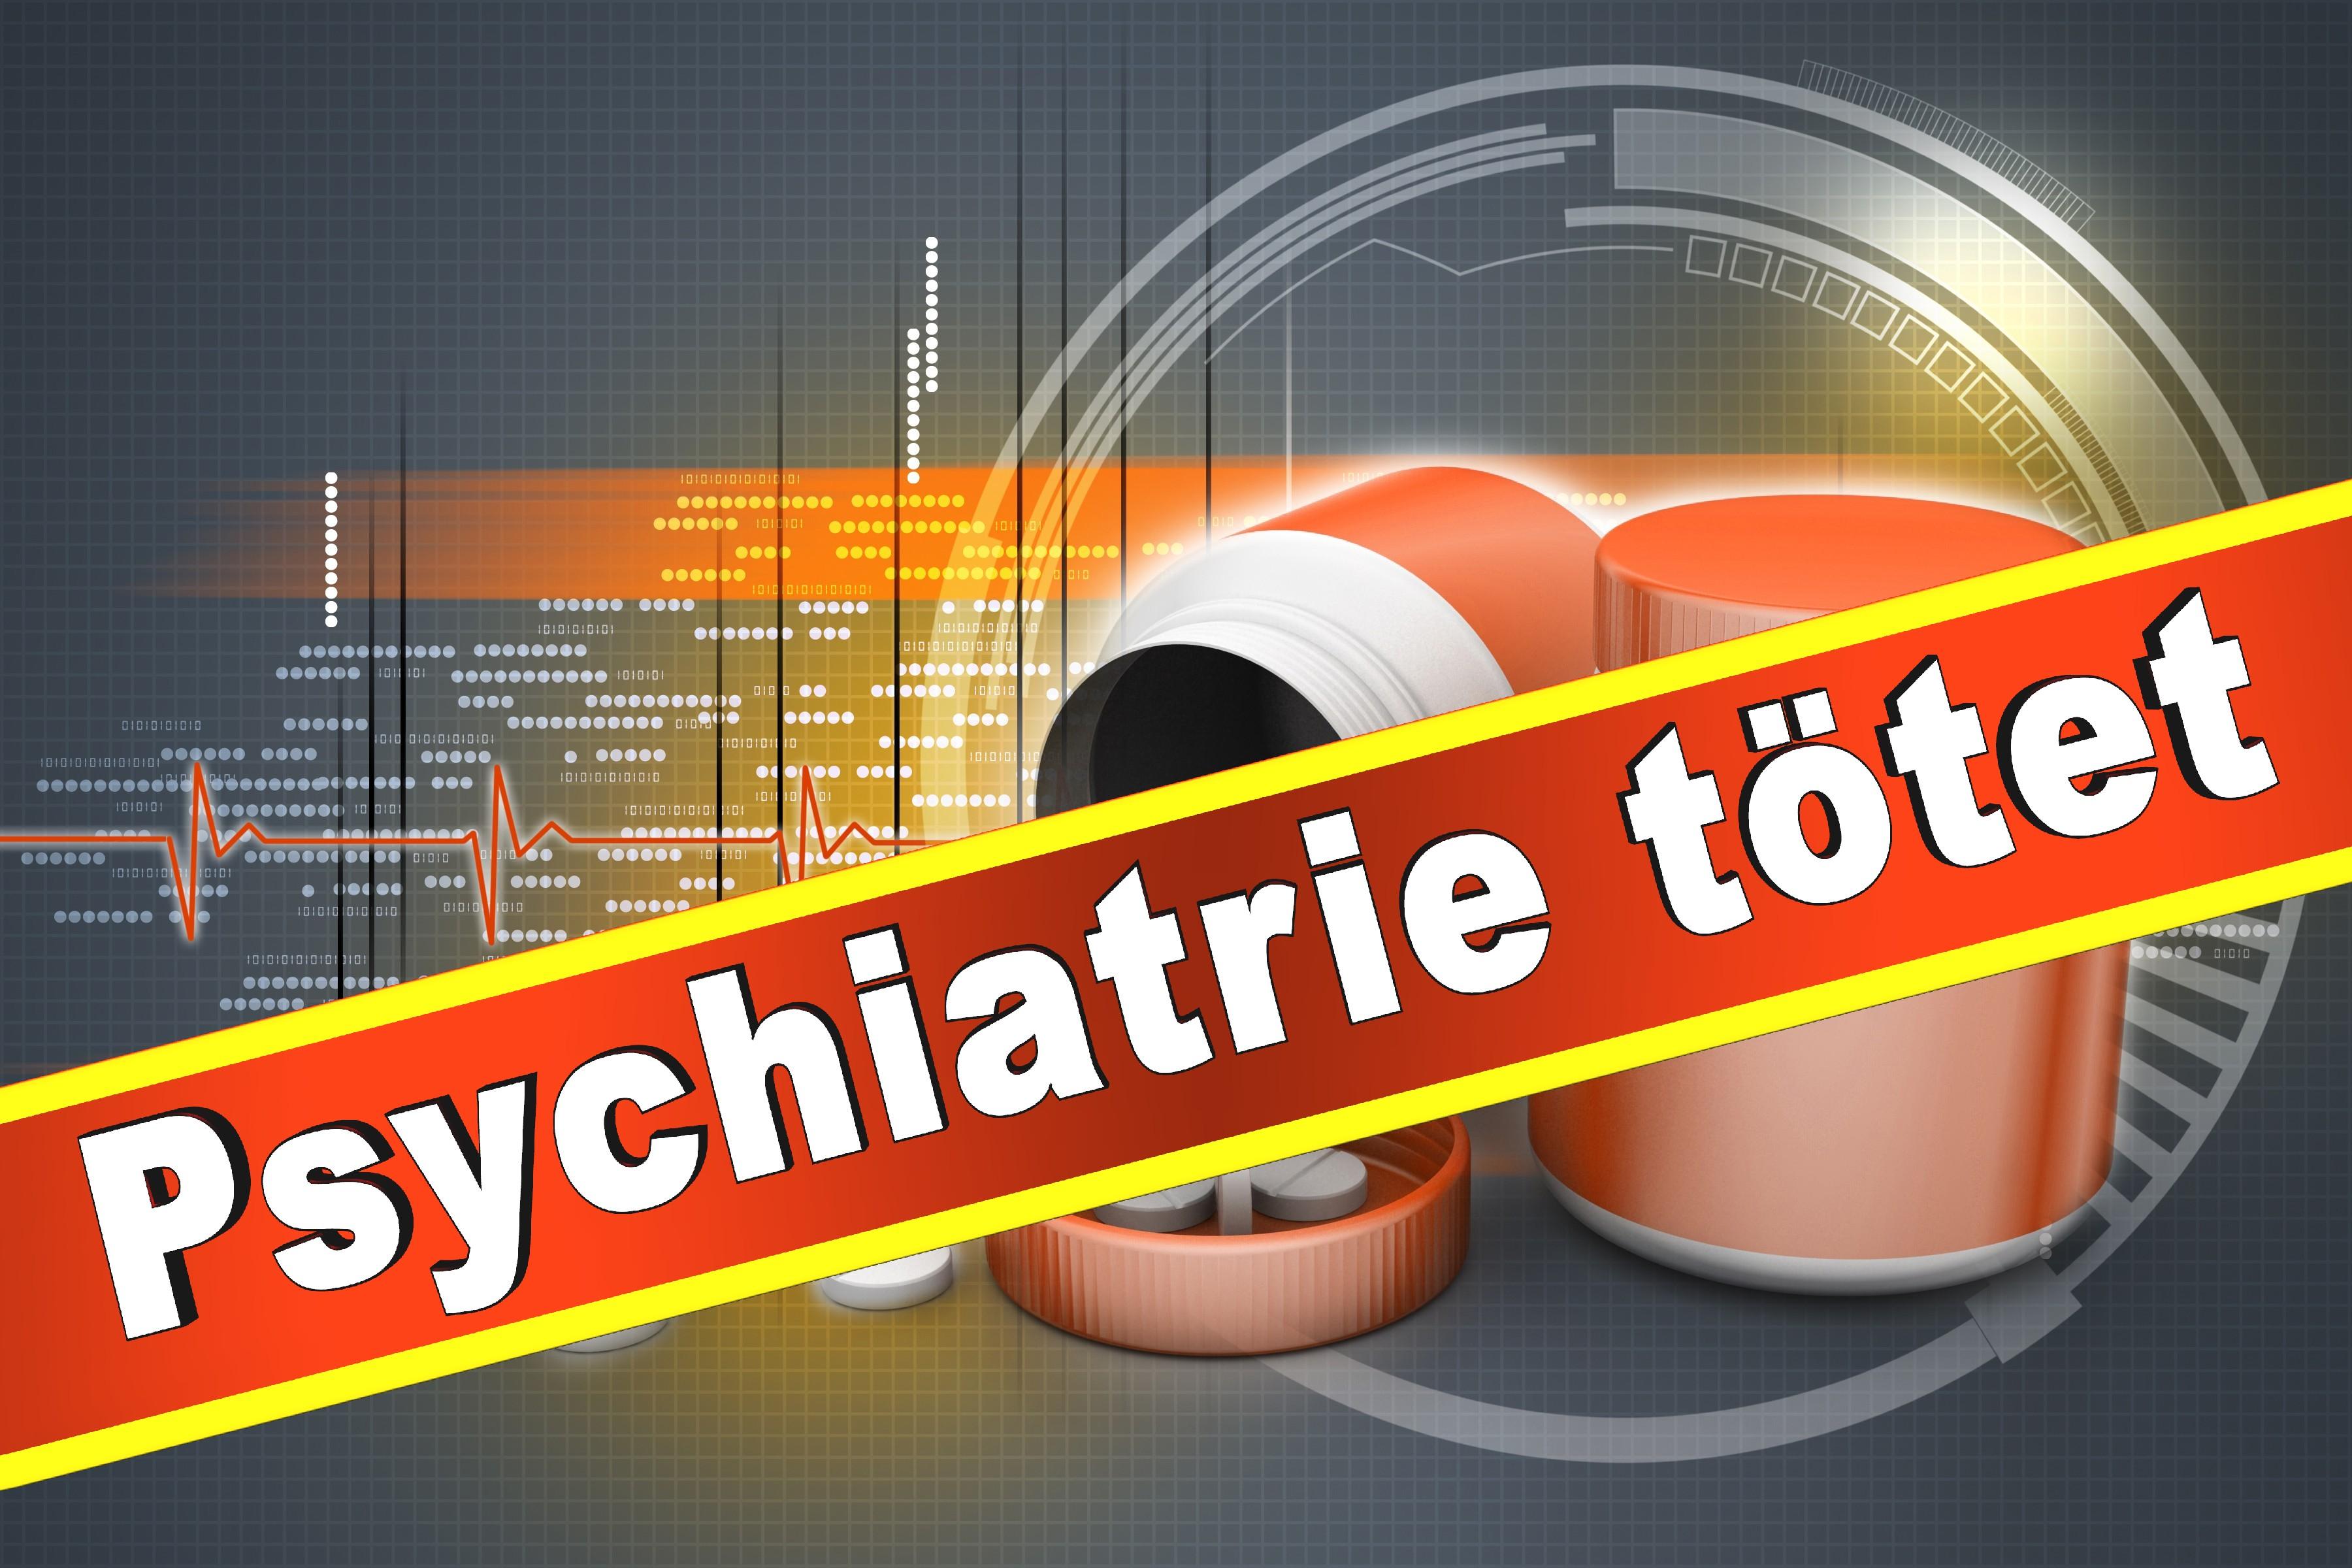 Carl Ernst Von Schönfeld Tagesklinik Medikamente Psychiatrie Tod Bethel Psychiater Korruption Gift Zwangspsychiatrie Unterbringung Psychiater Achim Geller Friedhof Adolf Hitler Euthanasie (4)